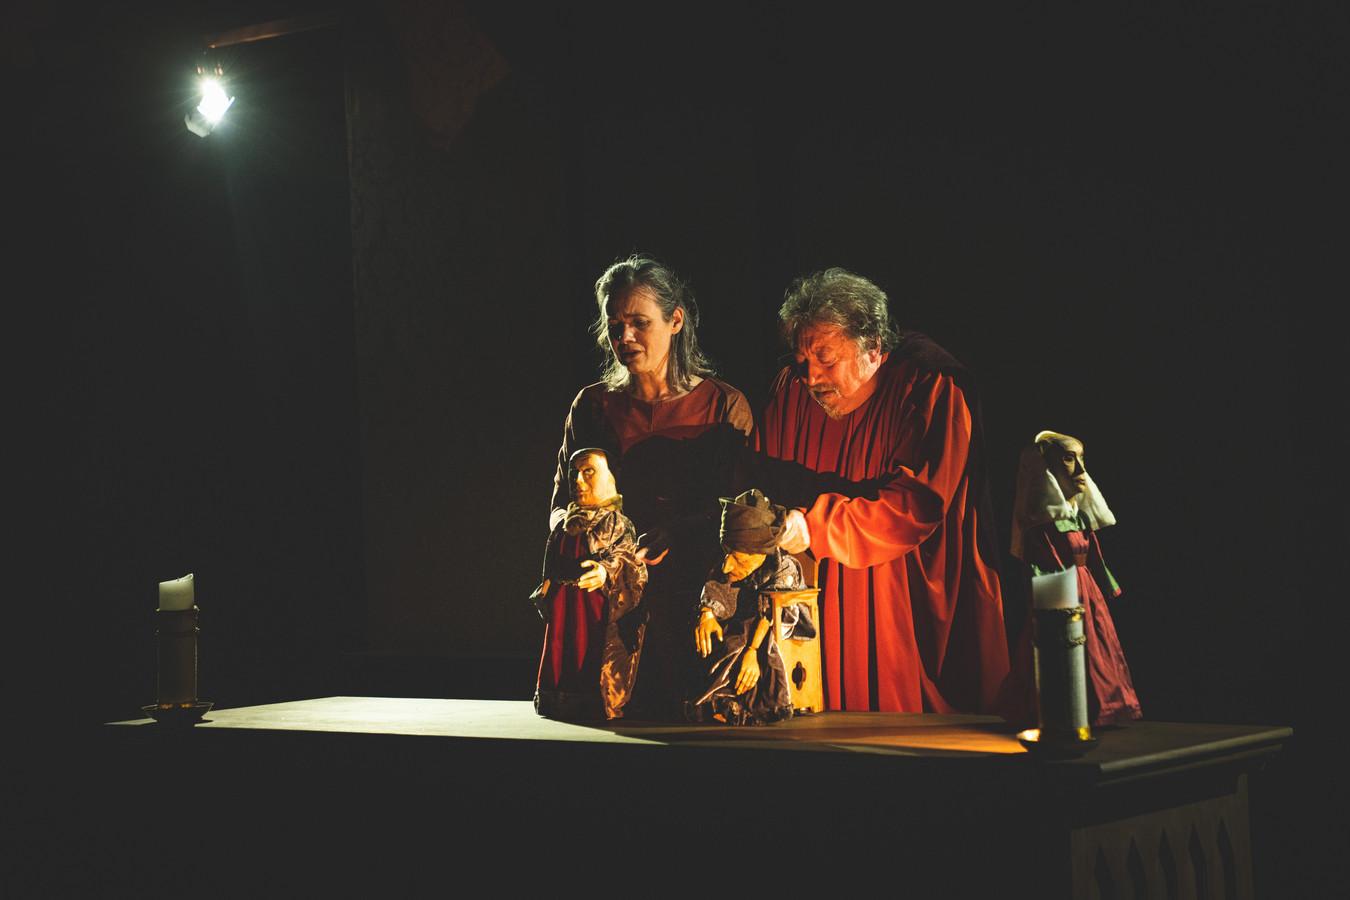 Luk De Bruyker en Ann De Prest aan het werk met de poppen, Luk met een stervende Jan Van Eyck